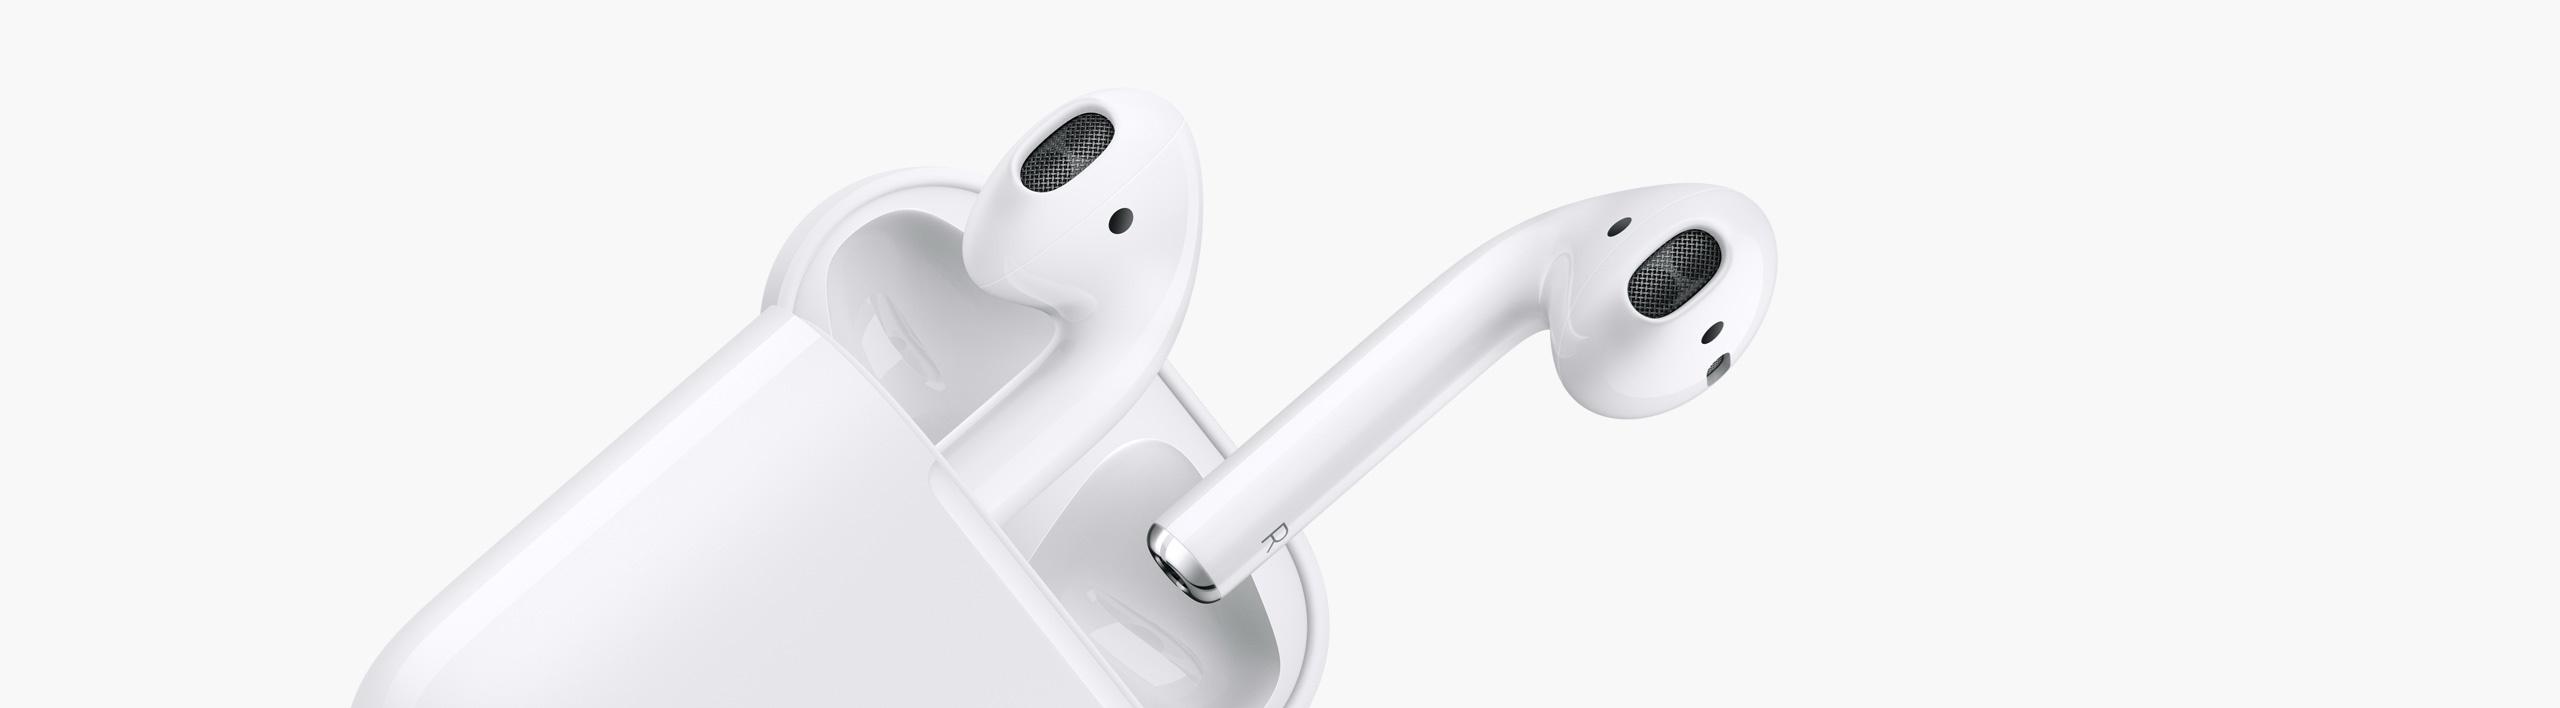 آغاز فروش هدفون بیسیم اپل به قیمت ۱۶۰ دلار